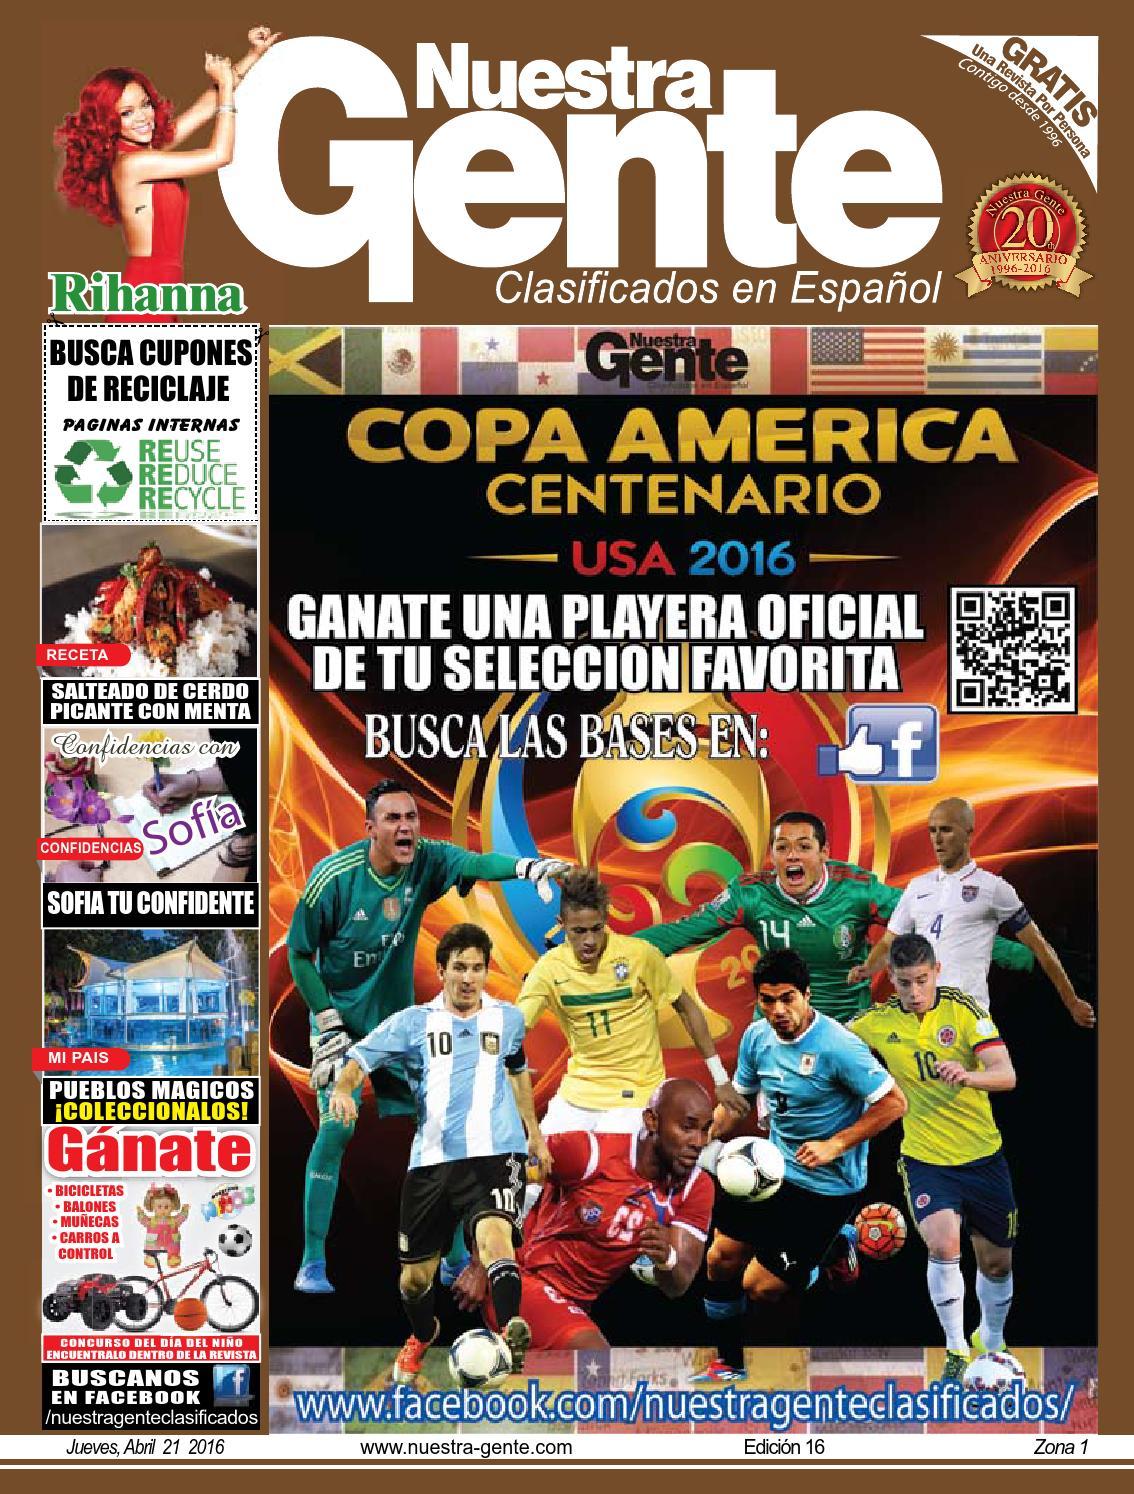 Nuestra Gente 2016 Edicion 16 Zona 1 by Nuestra Gente - issuu 1b1ecd9df44a5